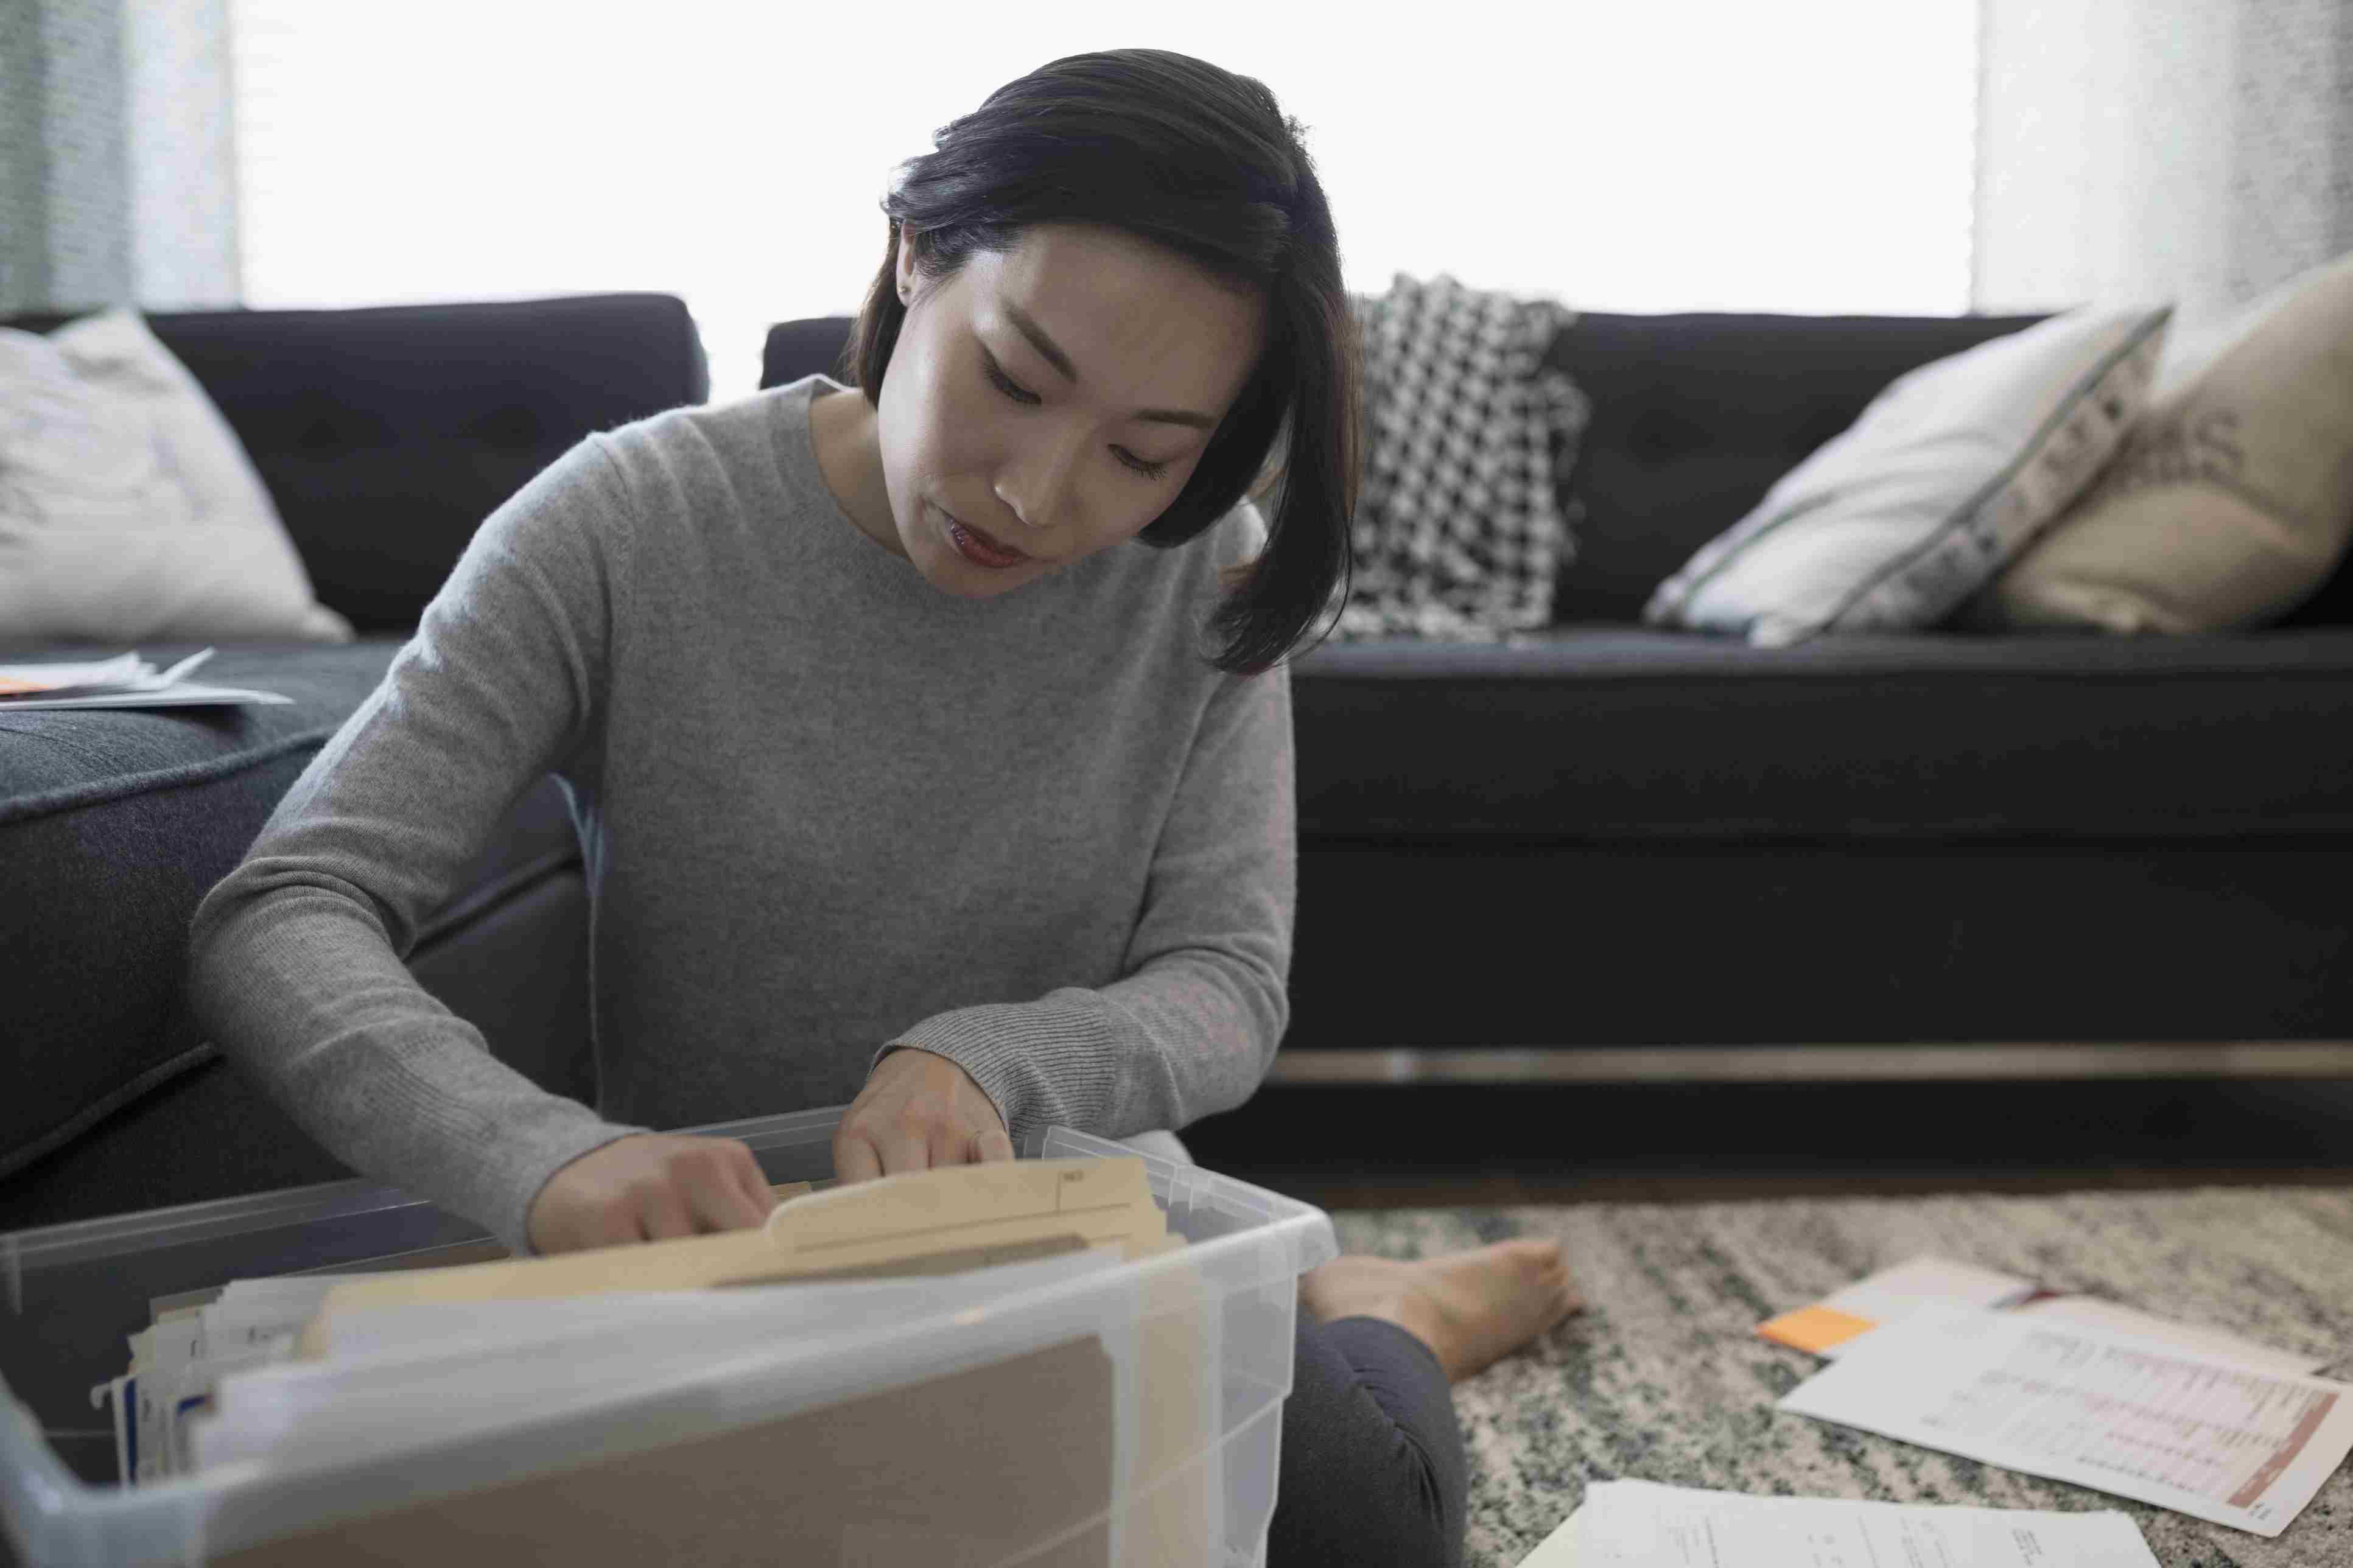 Mujer que presenta documentos financieros mientras está sentada en el piso de la sala de estar. Maquillaje colocado en recipientes de almacenamiento transparentes